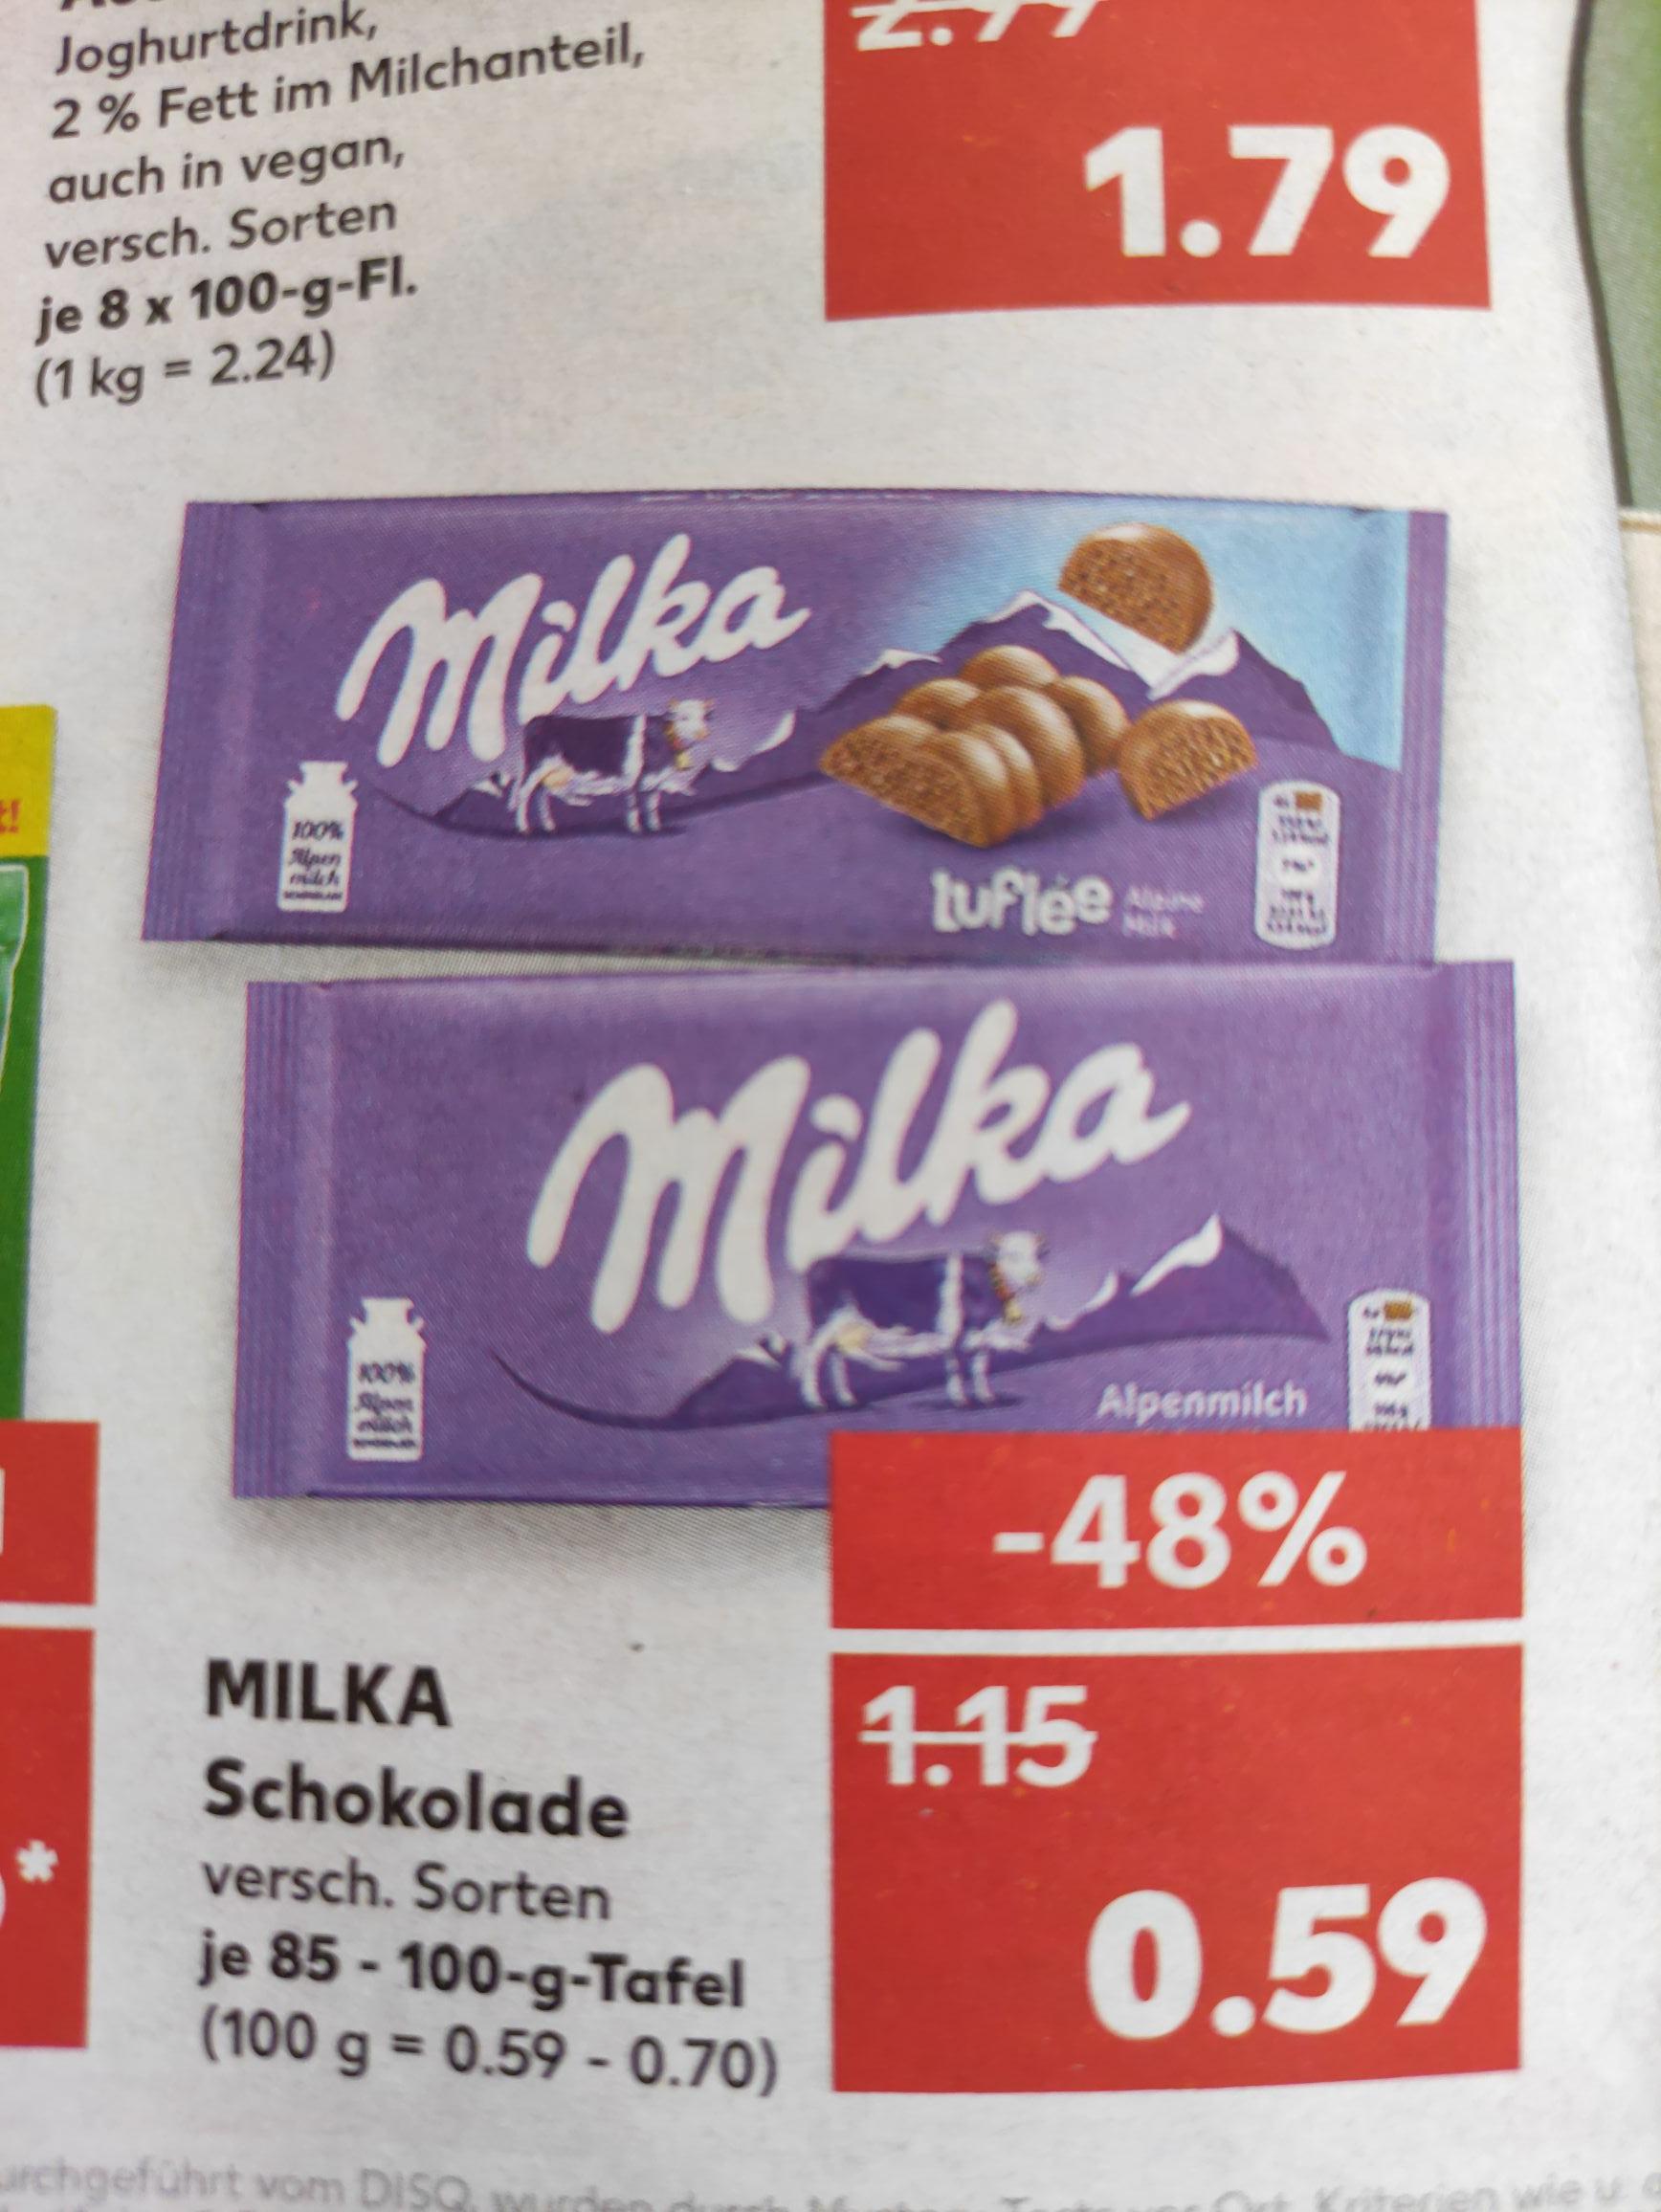 Milka Schokolade - verschiedene Sorten [Kaufland offline bundesweit?]